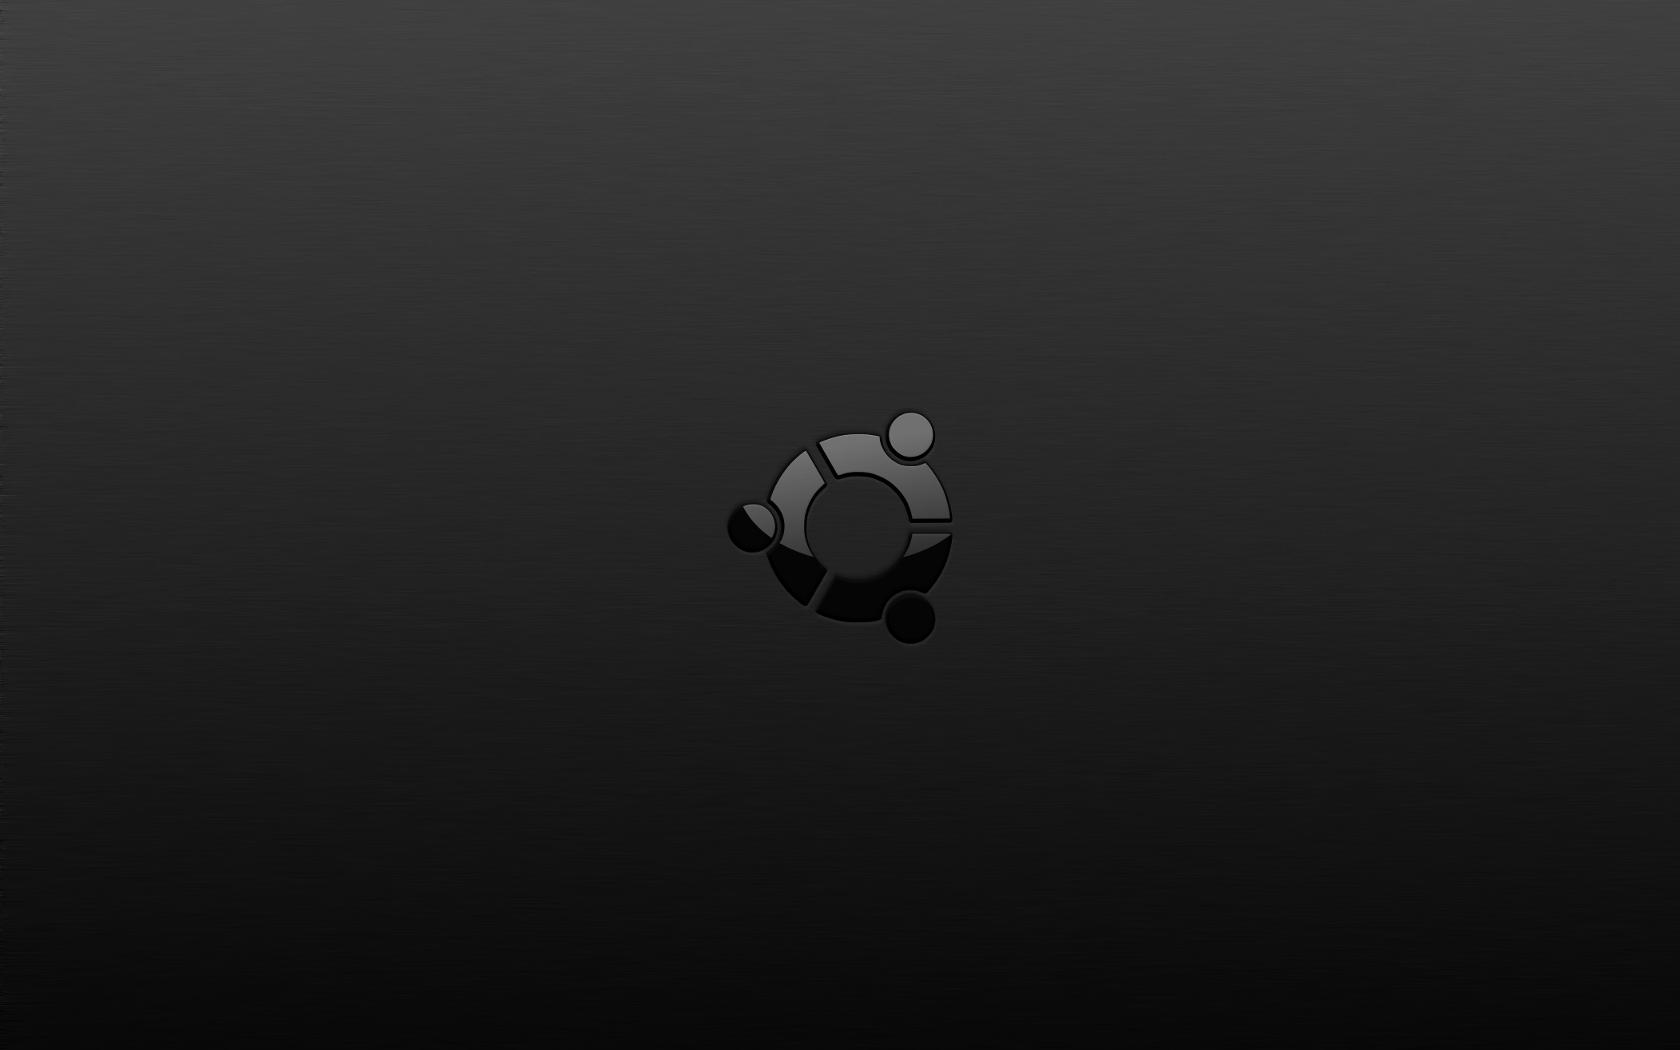 Ubuntu Wallpapers Black Wallpaper Cave